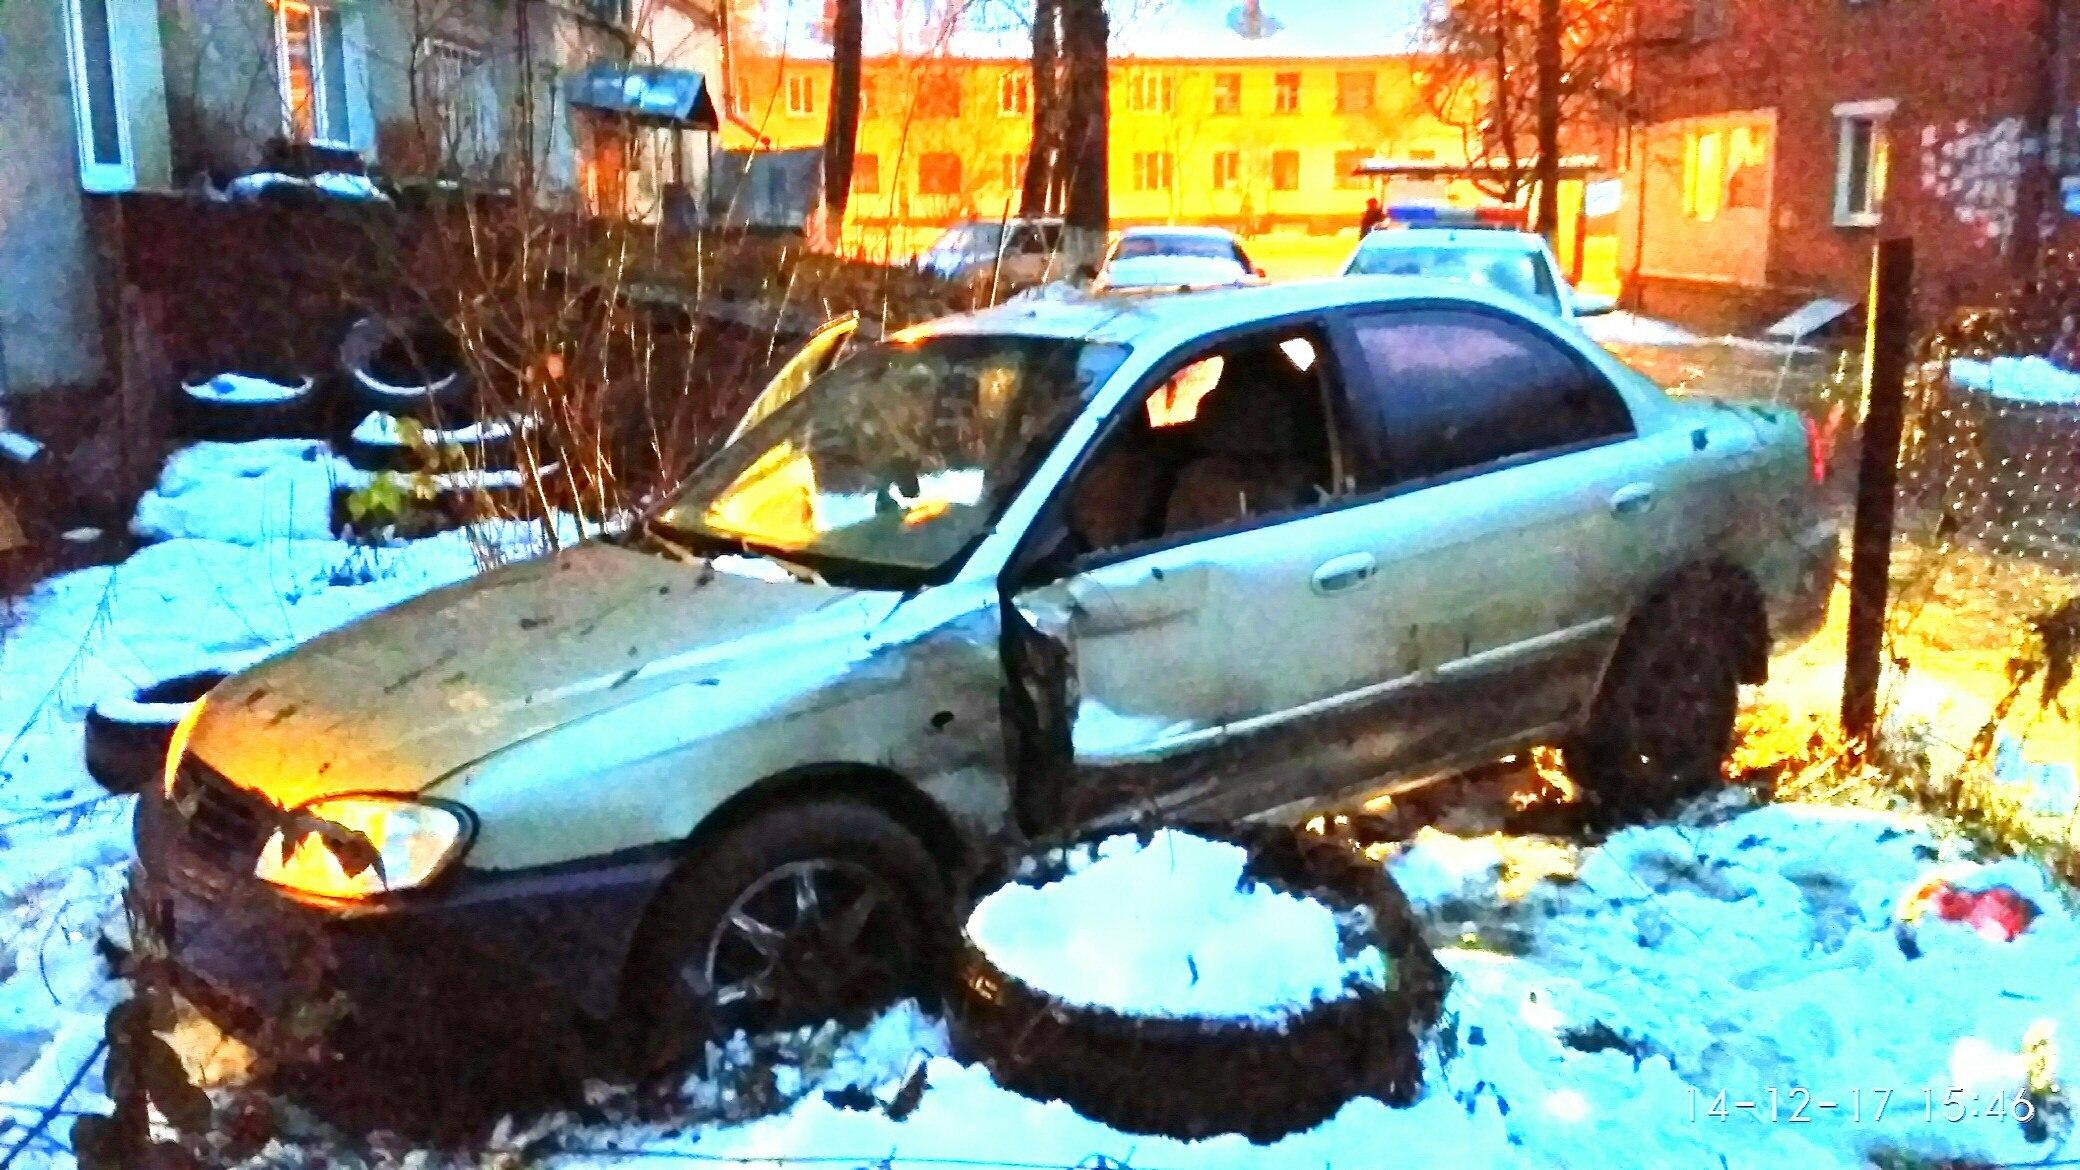 Шофёр ВАЗа насмерть сбил 23-летнего пешехода вЛенинском районе Нижнего Новгорода